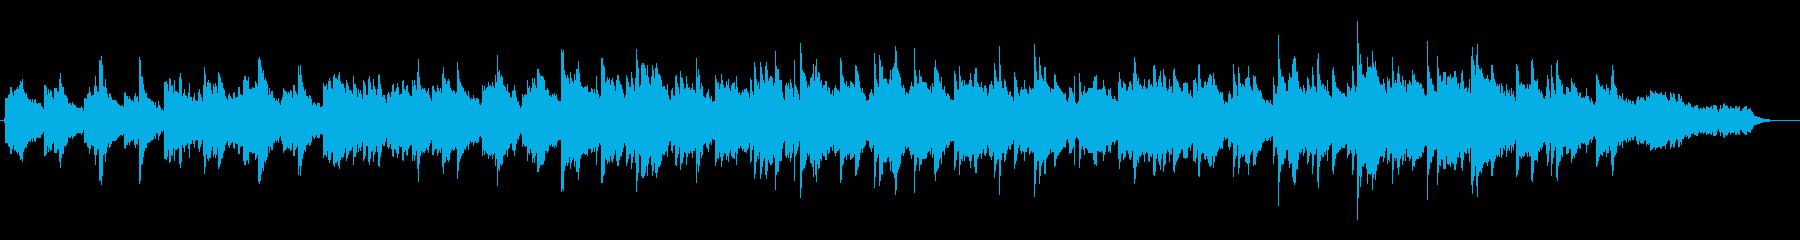 心地よいヒーリングミュージックの再生済みの波形